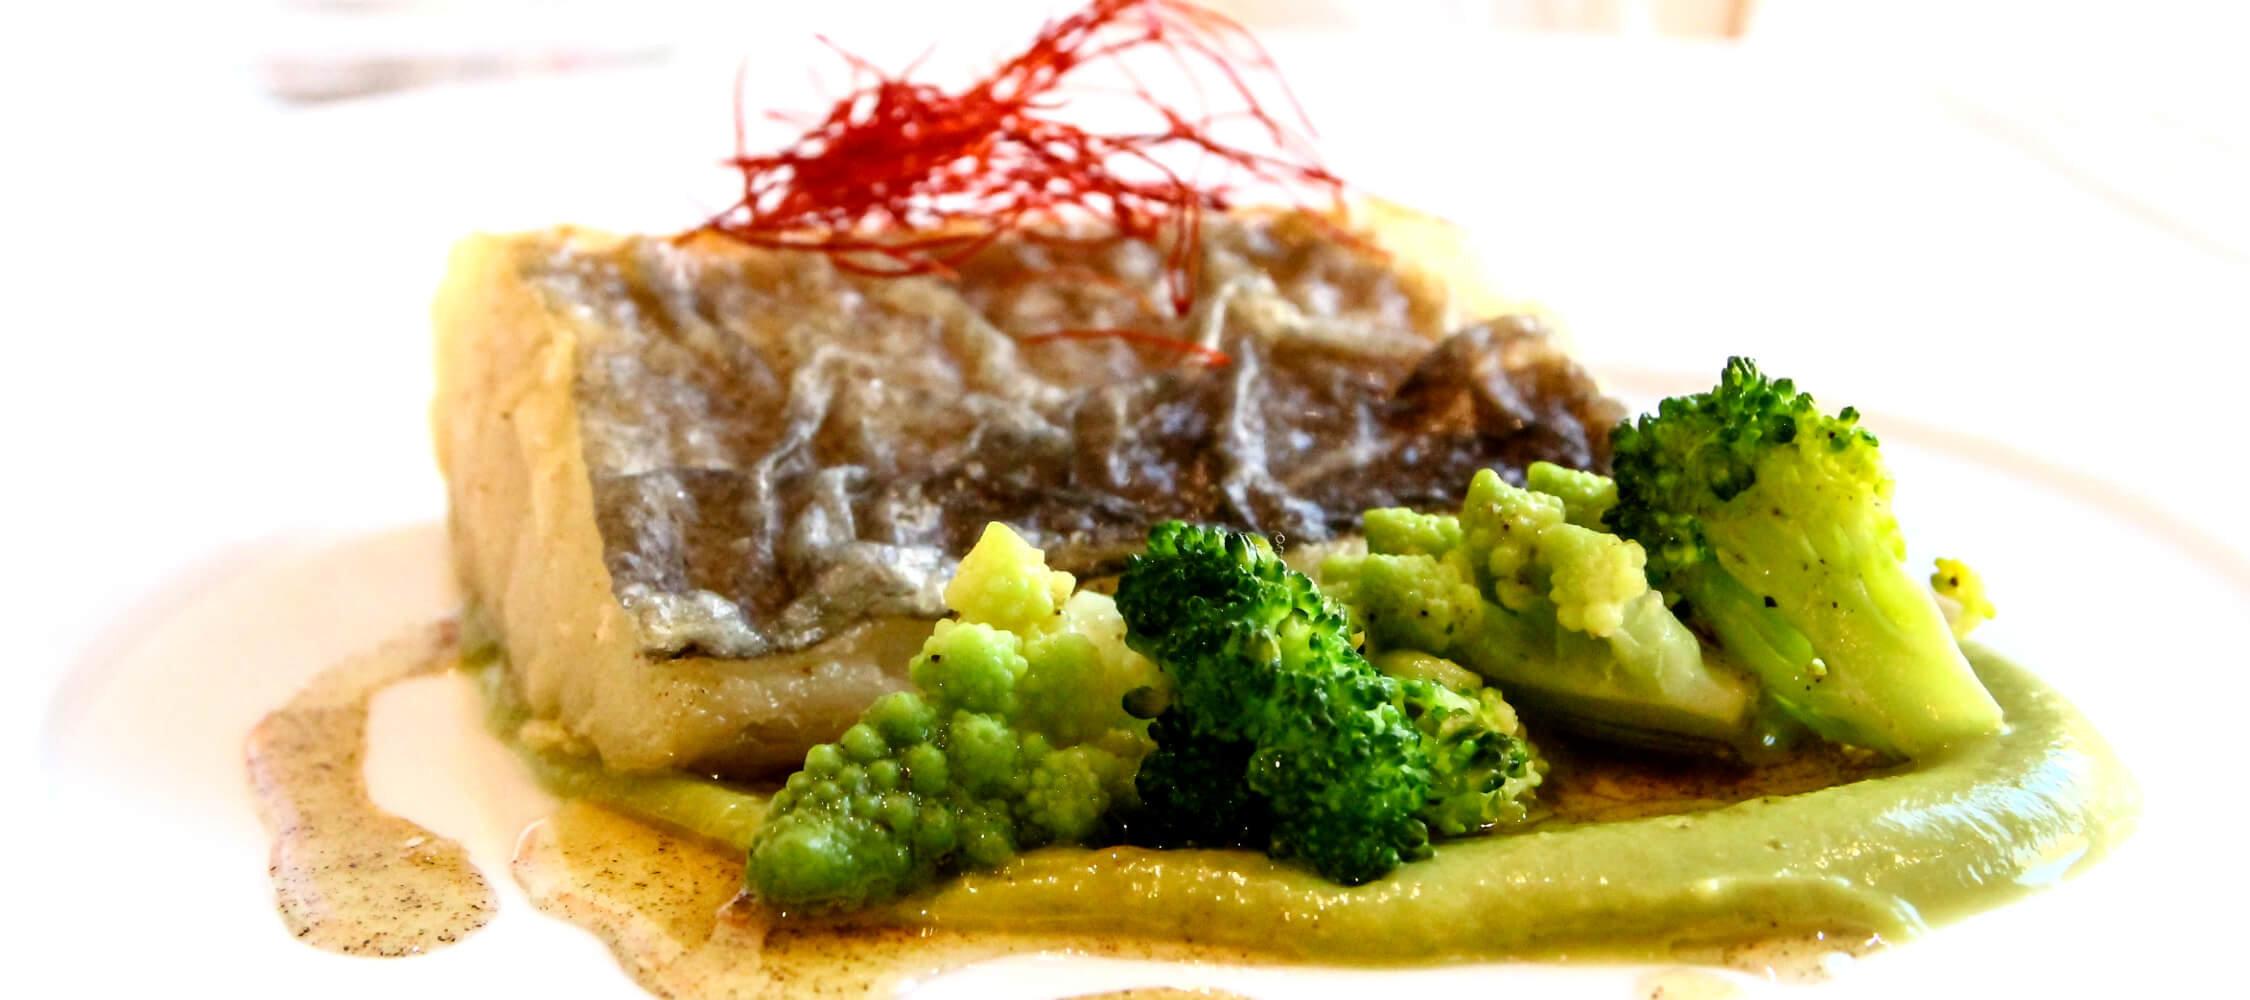 Restaurant City Hotel Meran, Fischvorspeise, hippe und trendige Küche